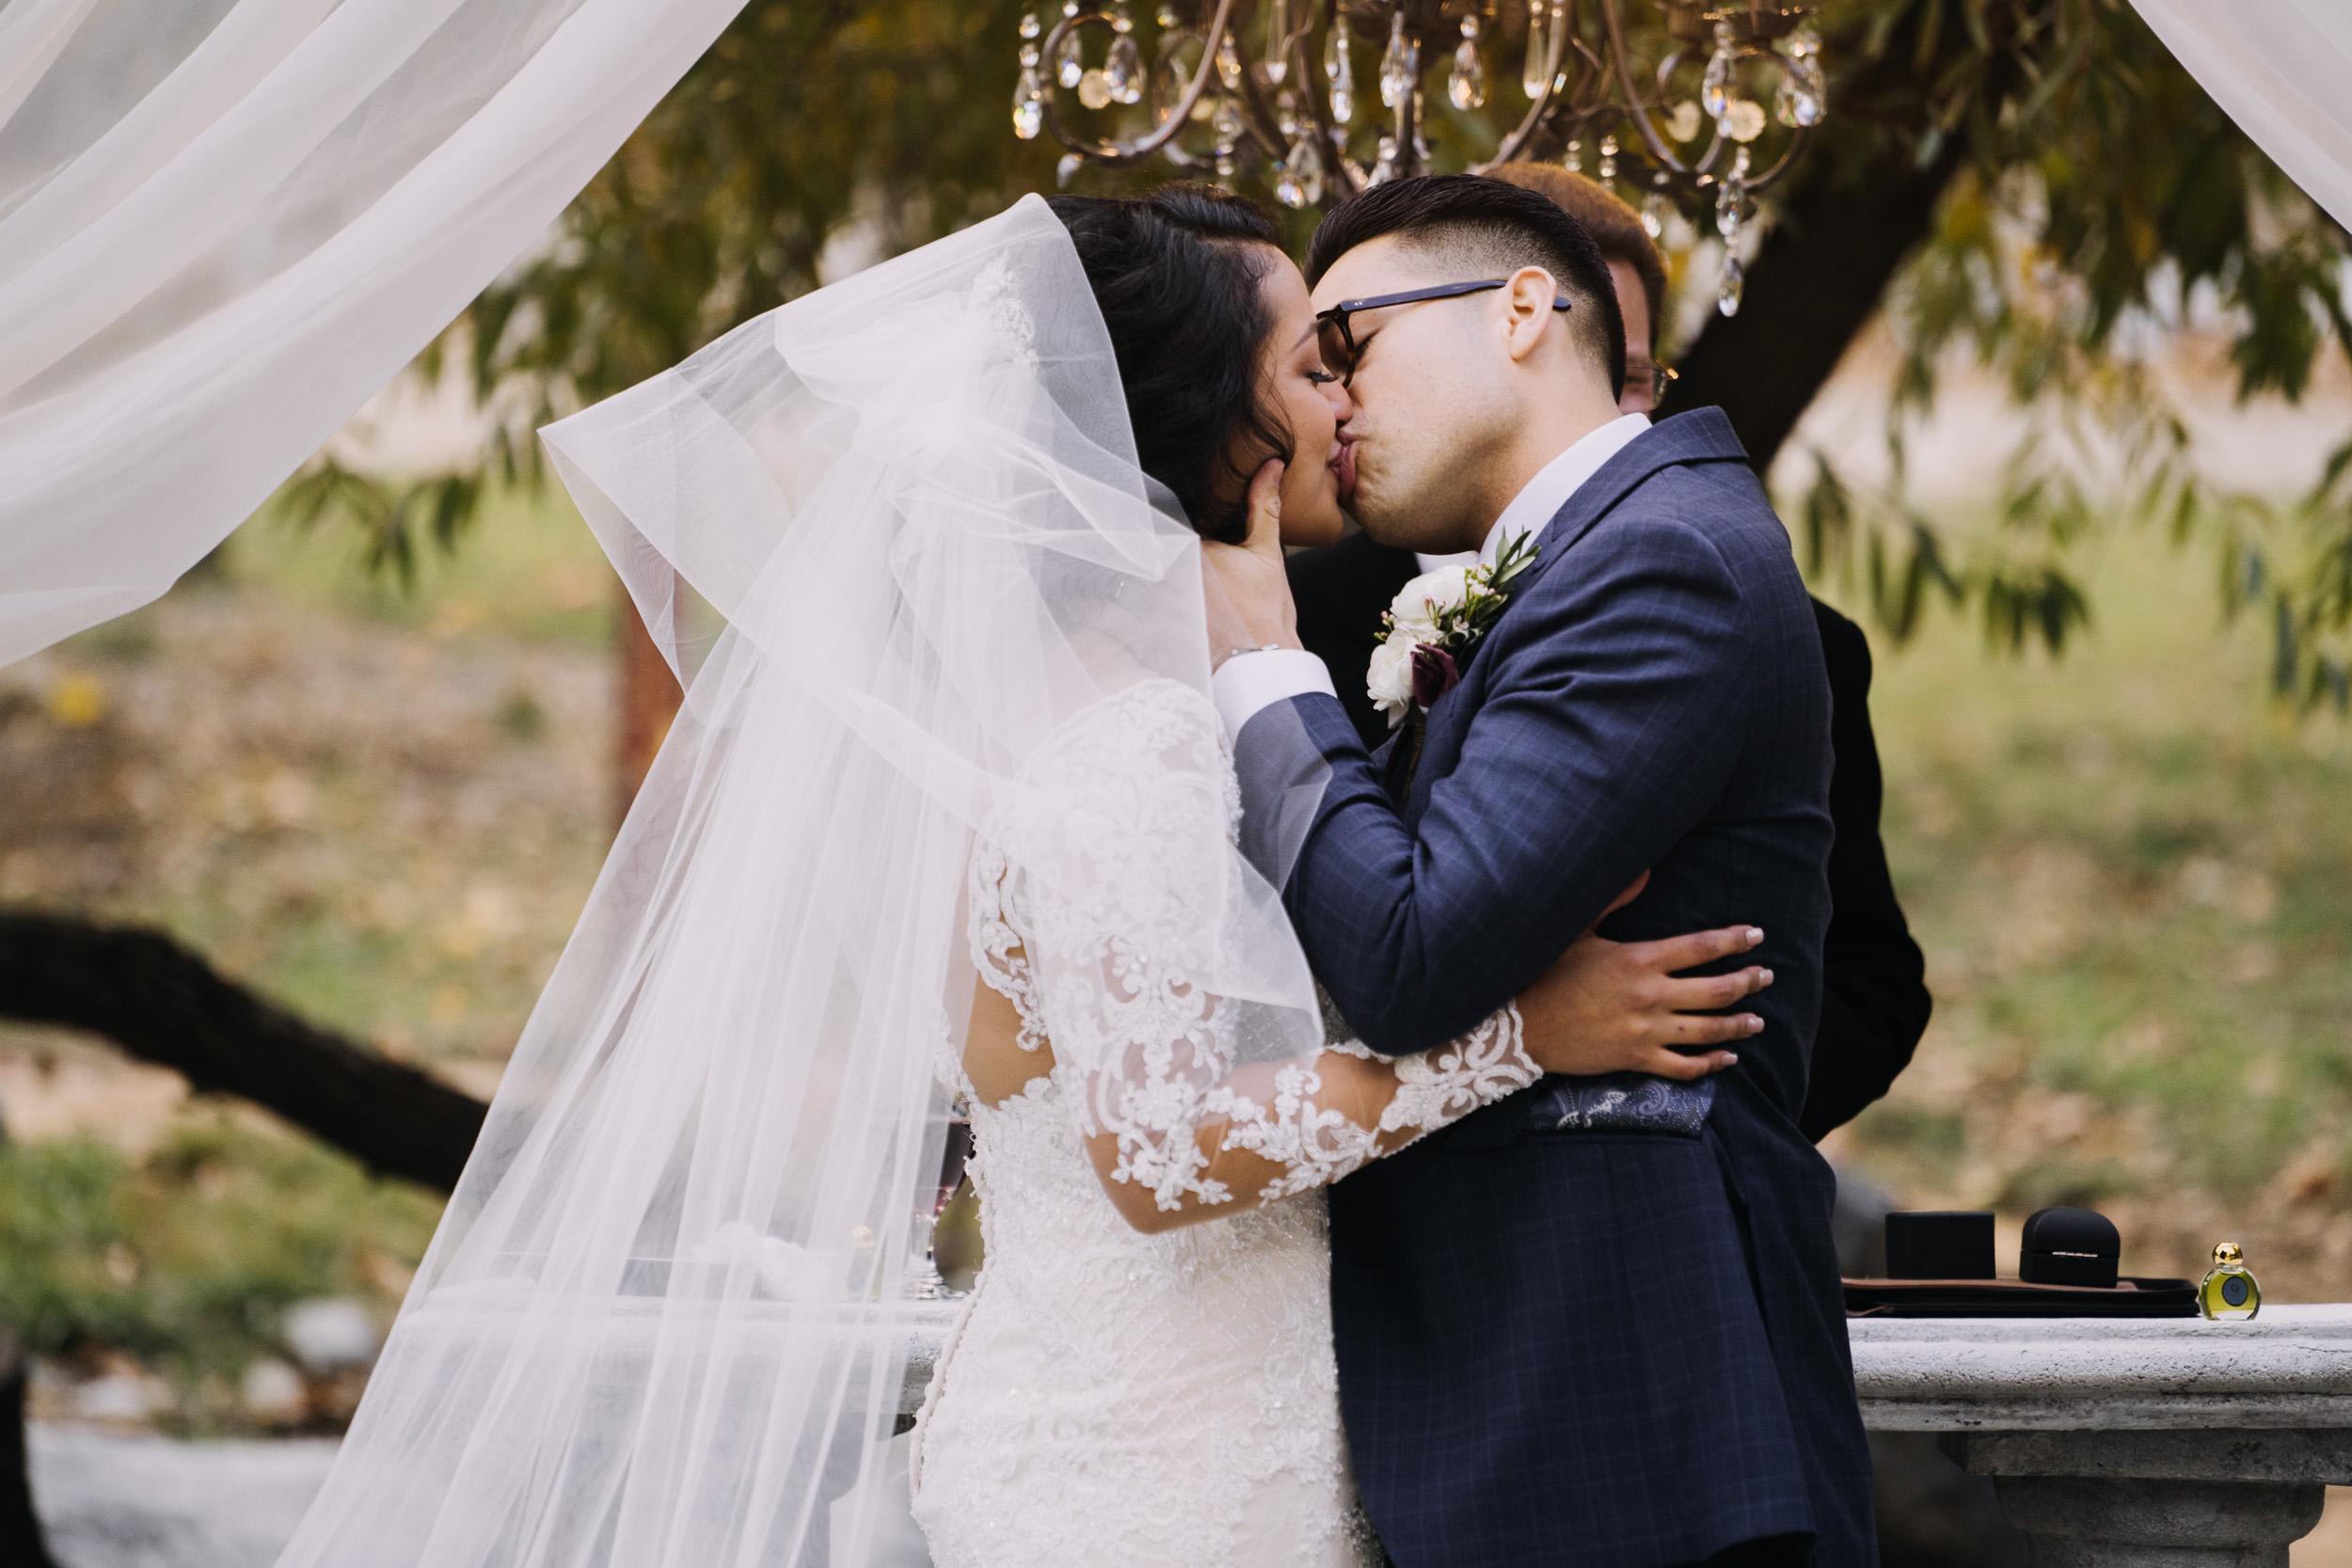 YeseniaEdgar - WeddingTeaser-18.jpg